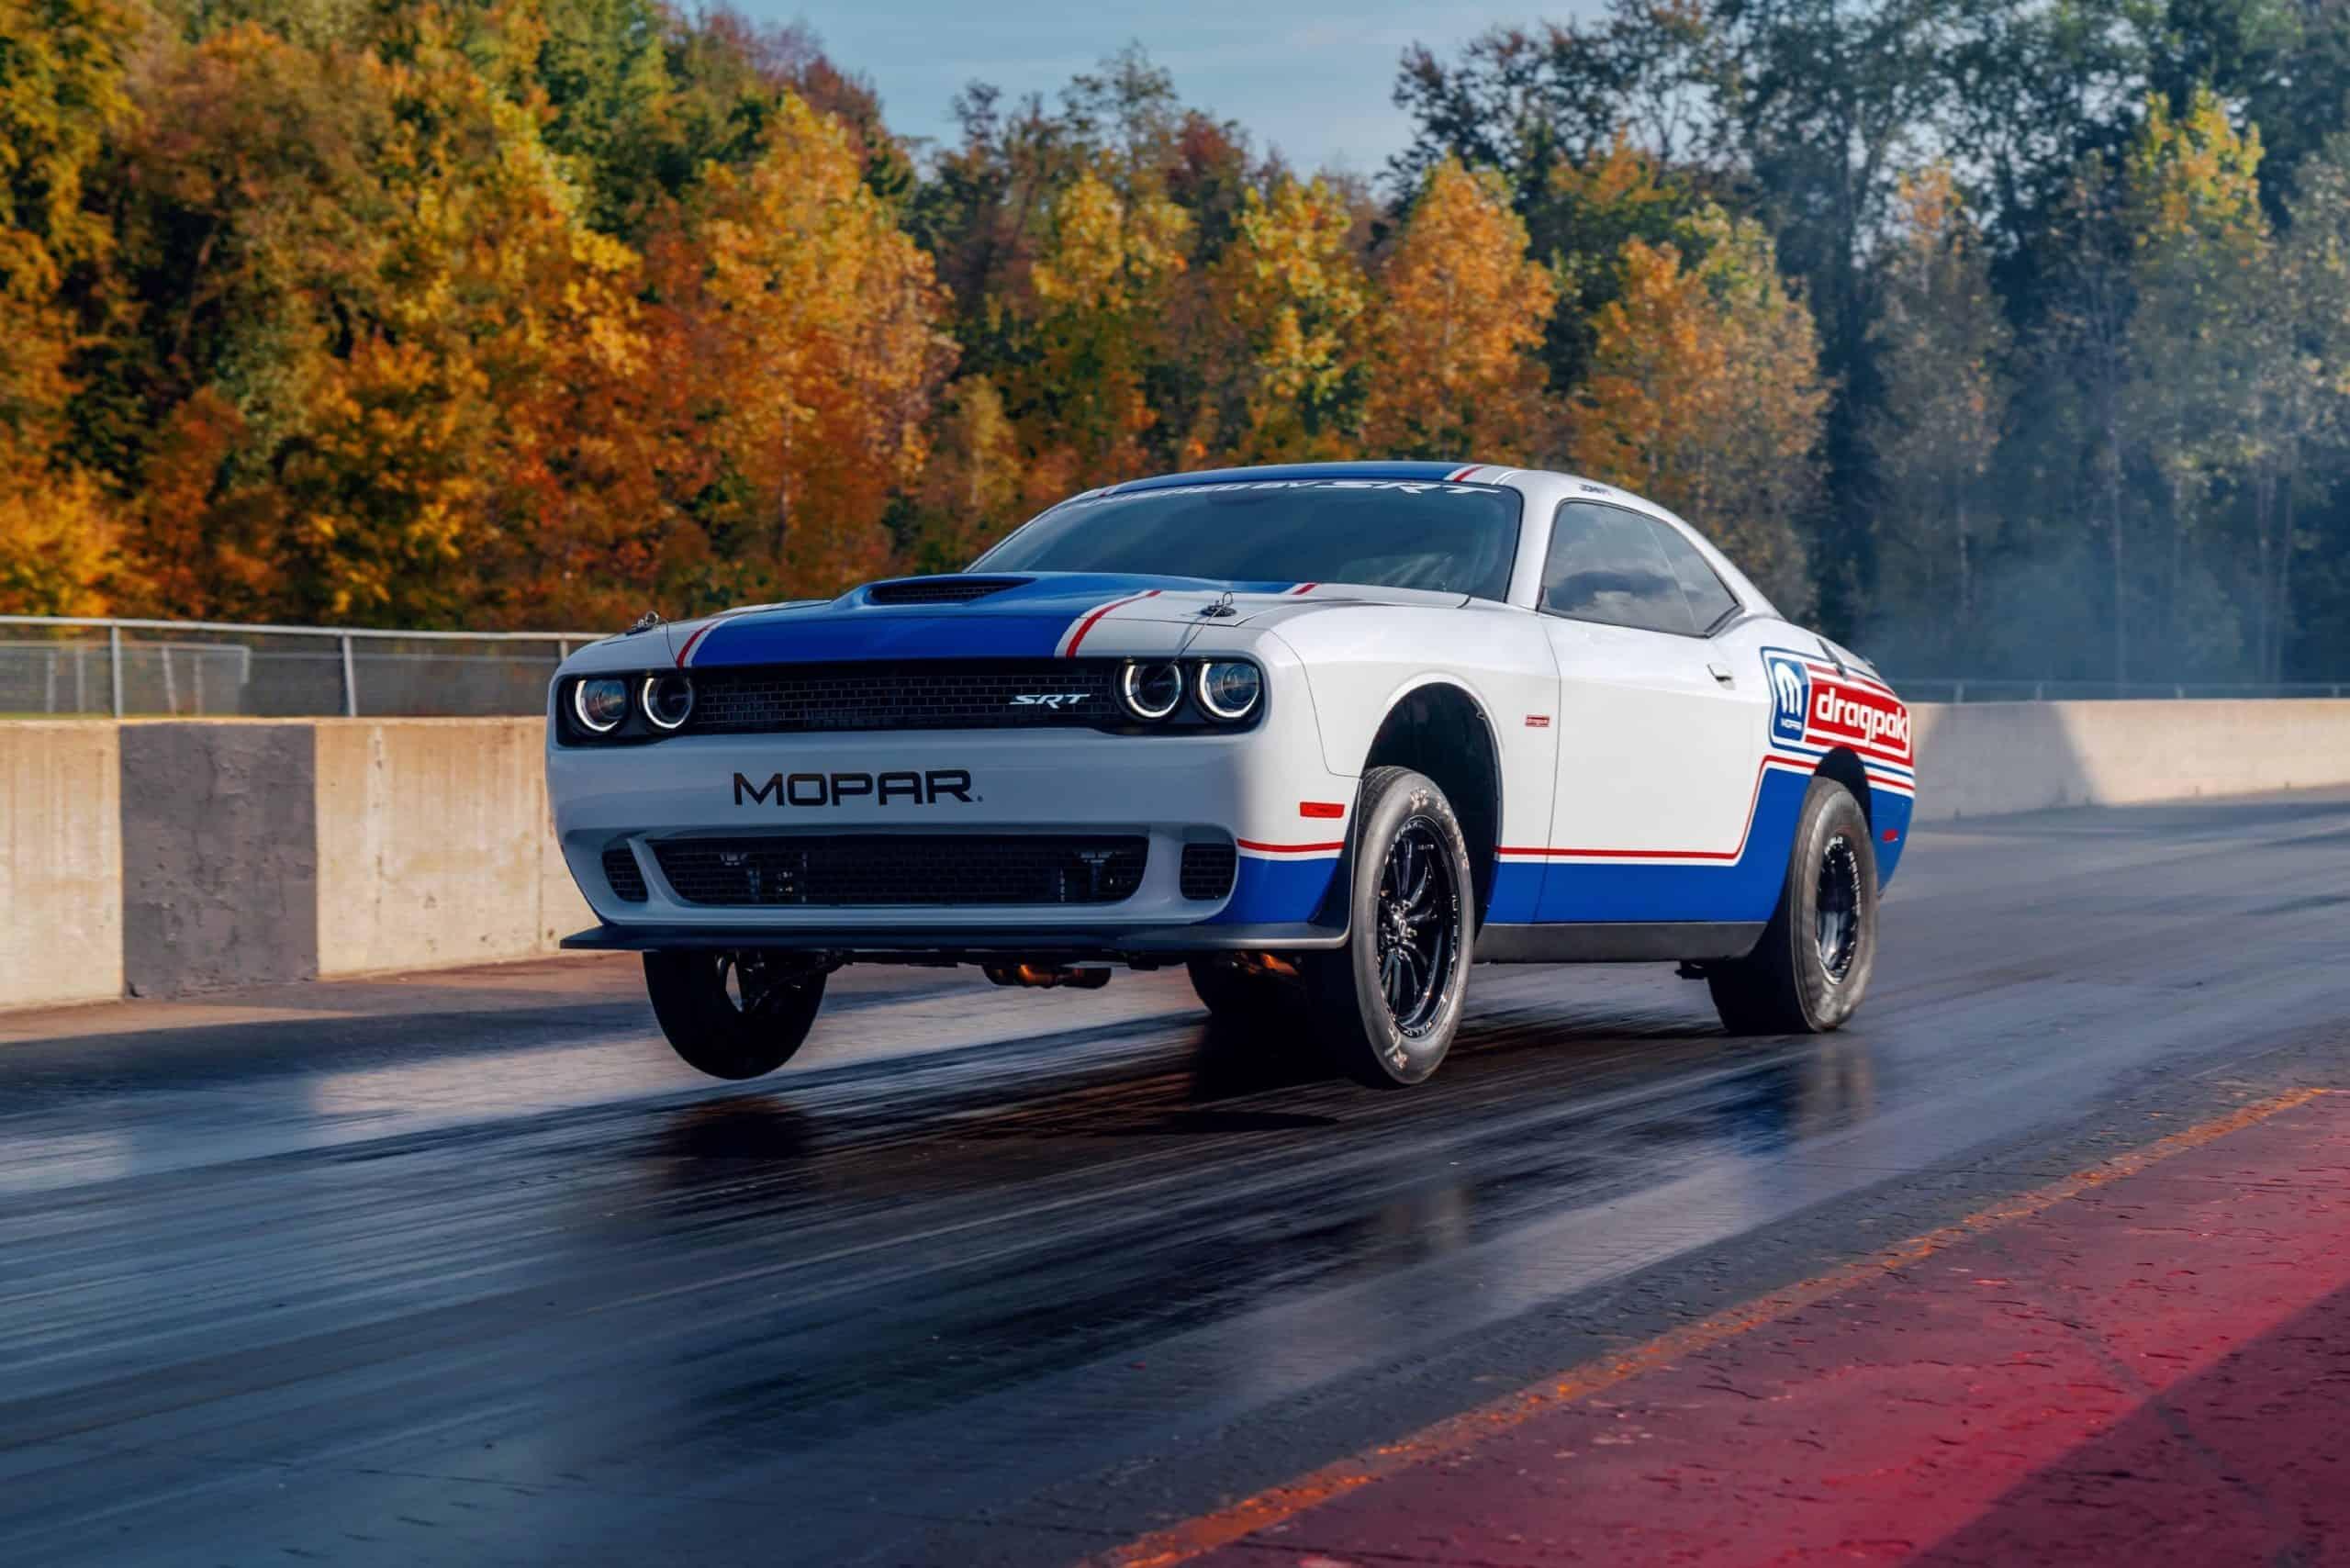 Dodge Challenger Mopar Drag Pak wheelie